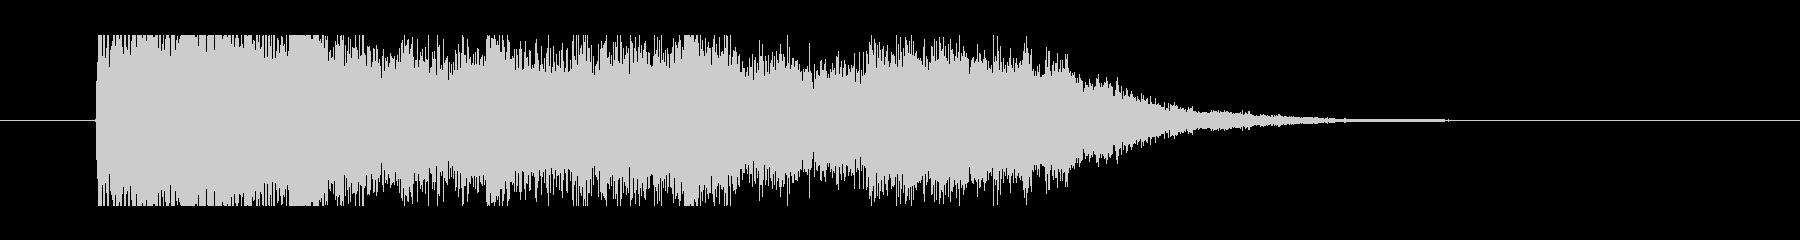 チェロのジングル(AbM7)の未再生の波形